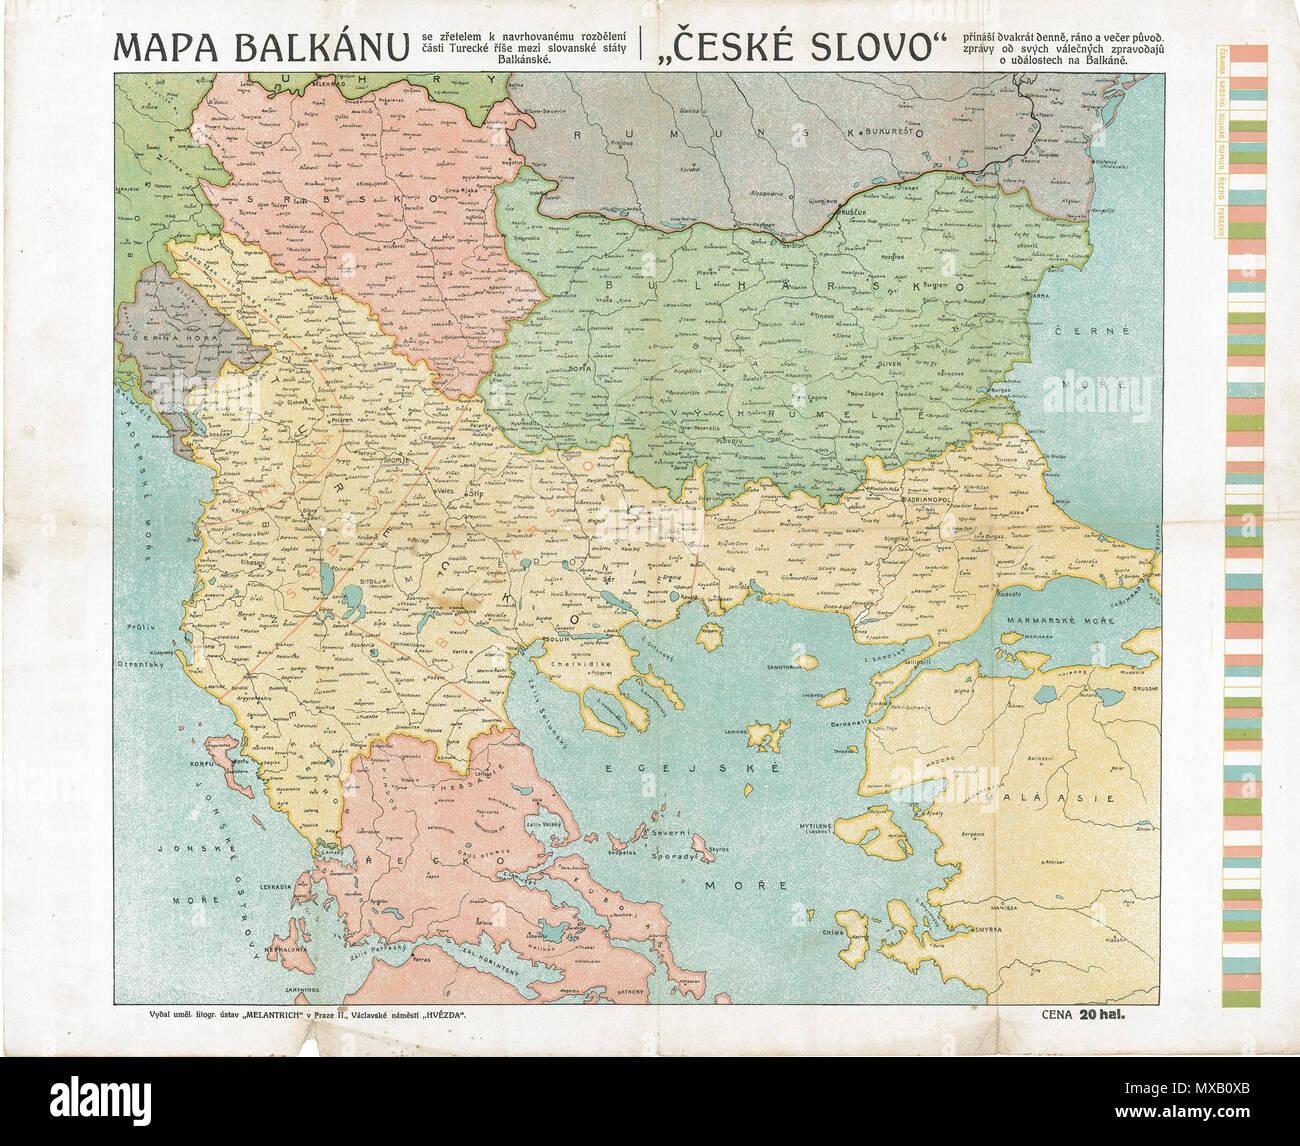 . Ελληνικά: Χάρτης των βαλκανικών επιχειρήσεων κατά την διάρκεια του Α' Βαλκανικού Πολέμου. Ο χάρτης δείχνει τα χαμένα εδάφη της Οθωμανικής Αυτοκρατορίας που προσαρτήθηκαν στο Μαυροβούνιο, την Σερβία και την Βουλγαρία. Οι περιγραφές είναι γραμμένες στην τσεχική γλώσσα. 1912/1913. Εφημερίδα České slovo 69 Balkans War Theatre - Stock Image